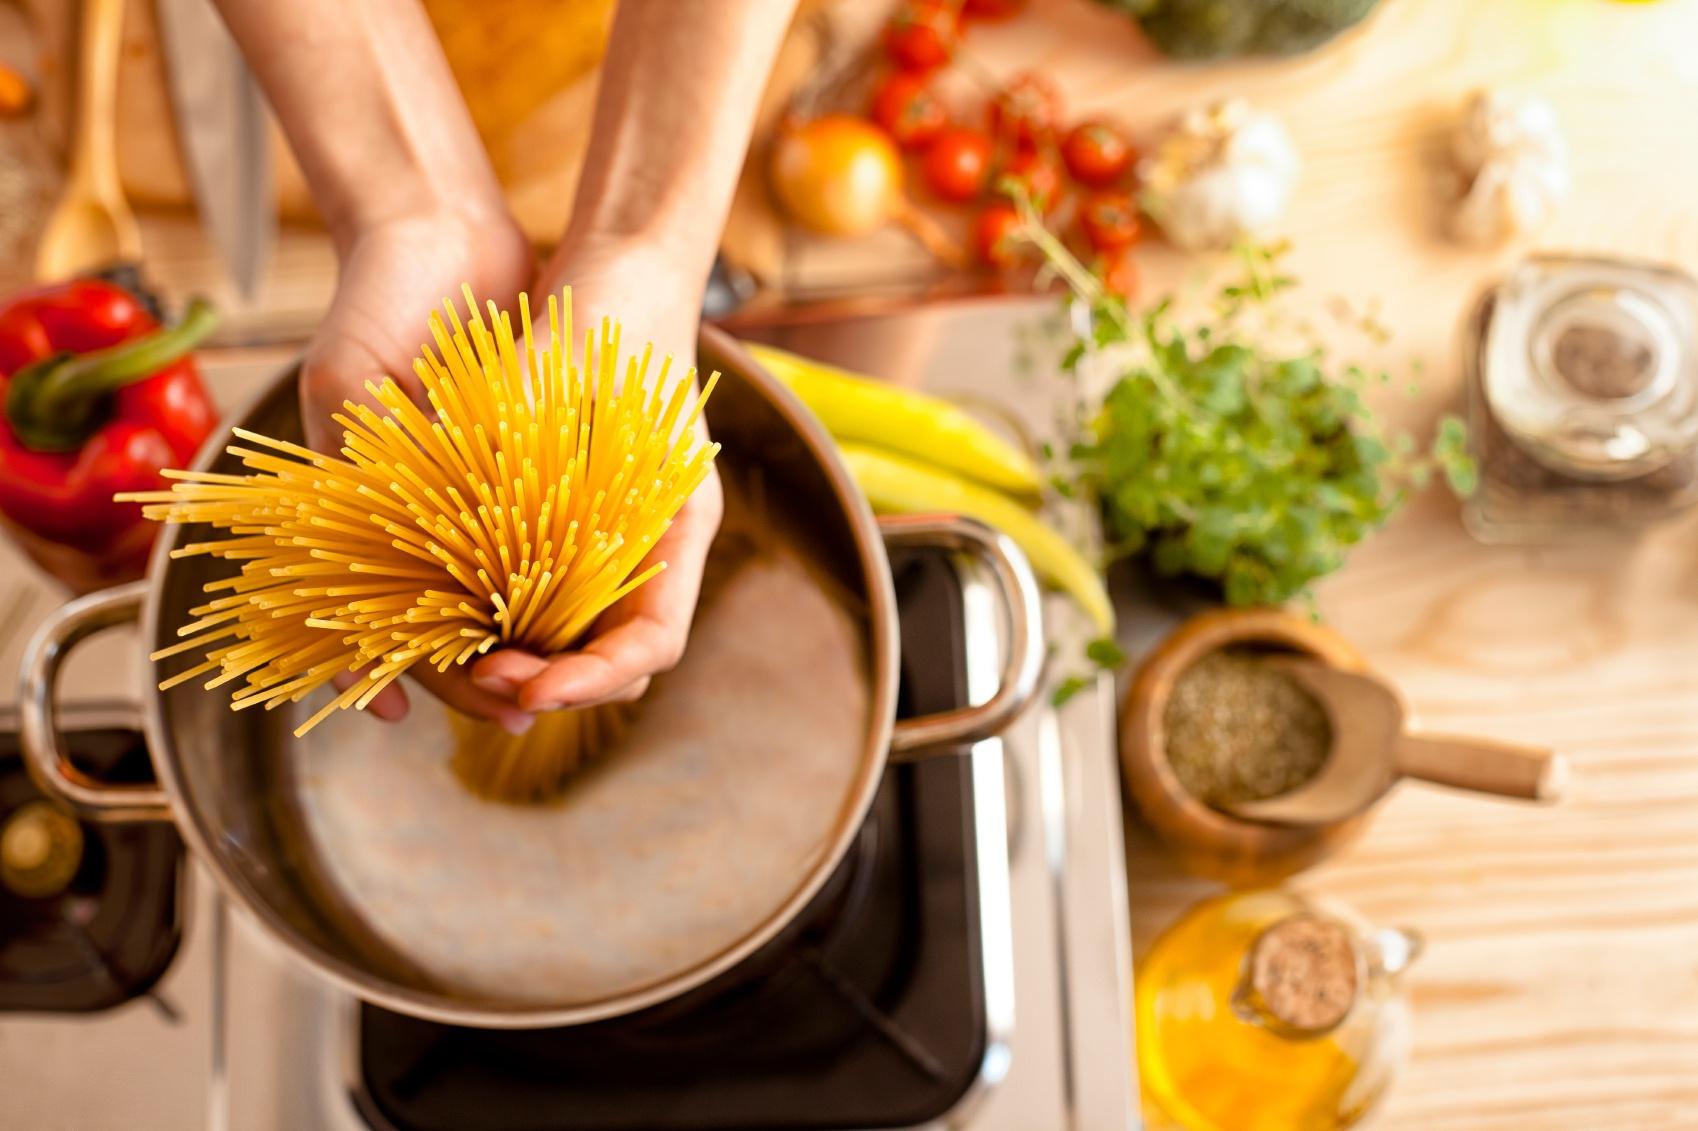 Consumer_Pasta.jpg